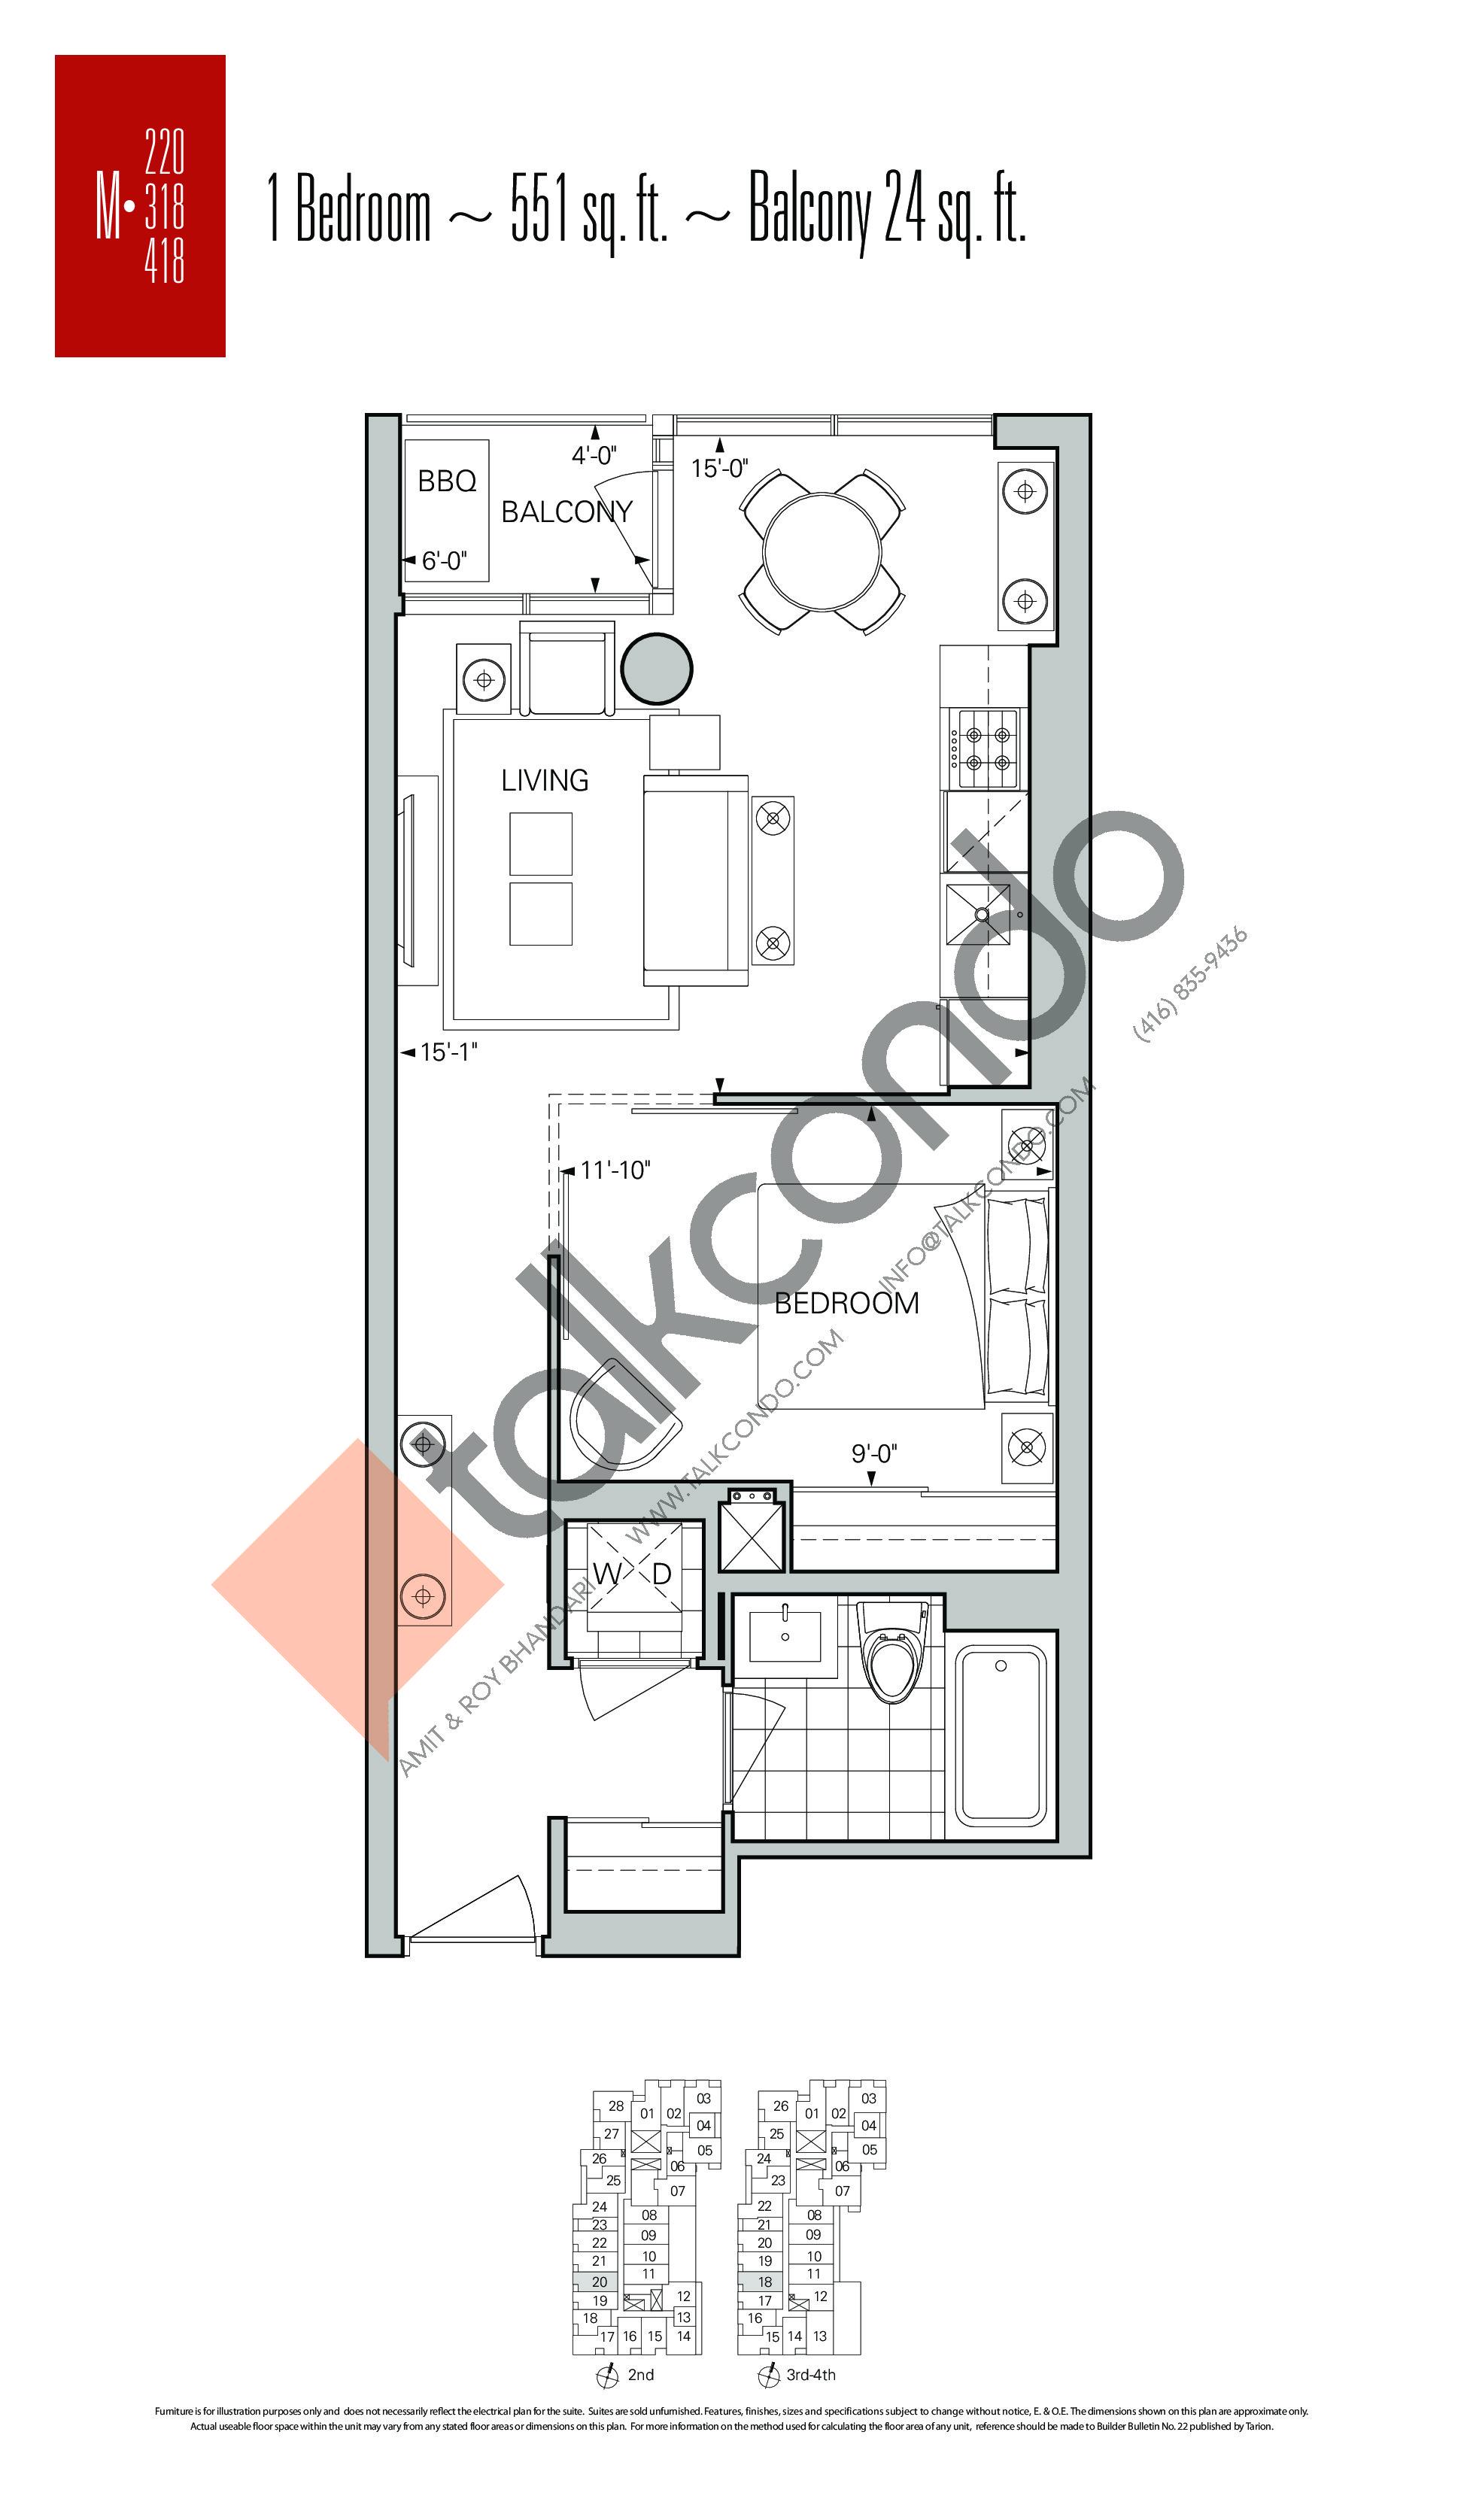 M-220 | M-318 | M-418 Floor Plan at Rise Condos - 551 sq.ft